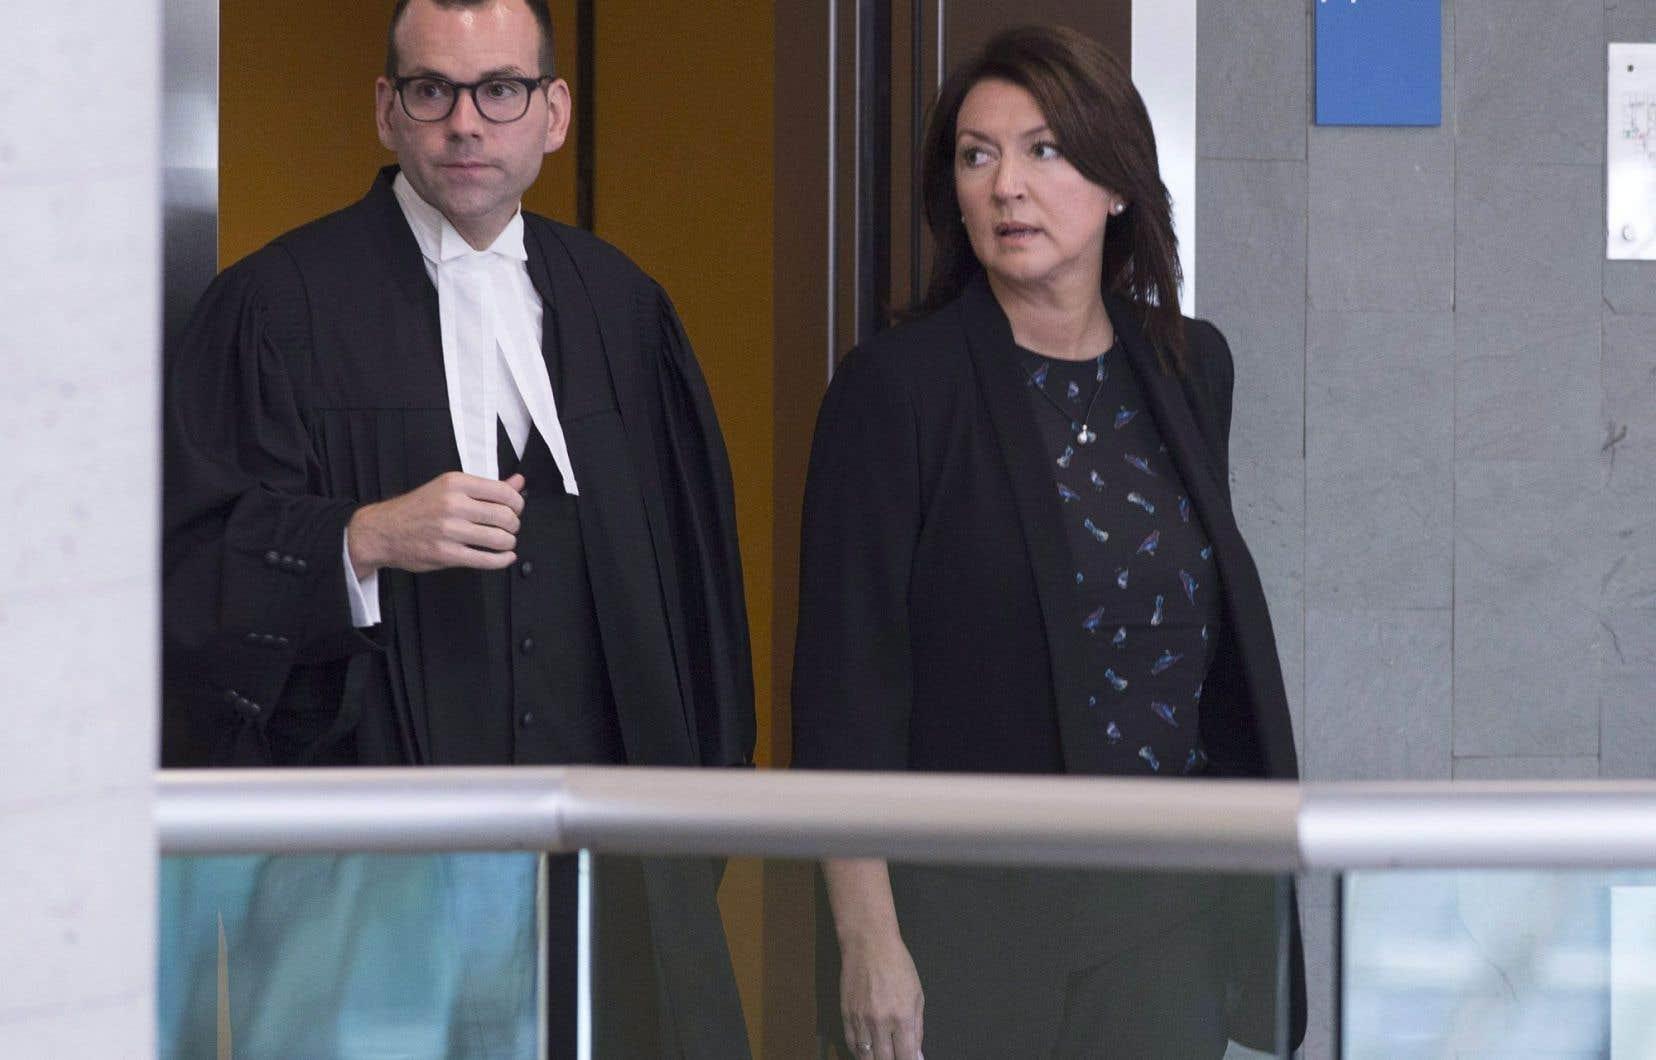 Nathalie Normandeau, ici au palais de justice de Québec lors d'une audience le 29 août,est notamment accusée d'abus de confiance, de fraude et de corruption.